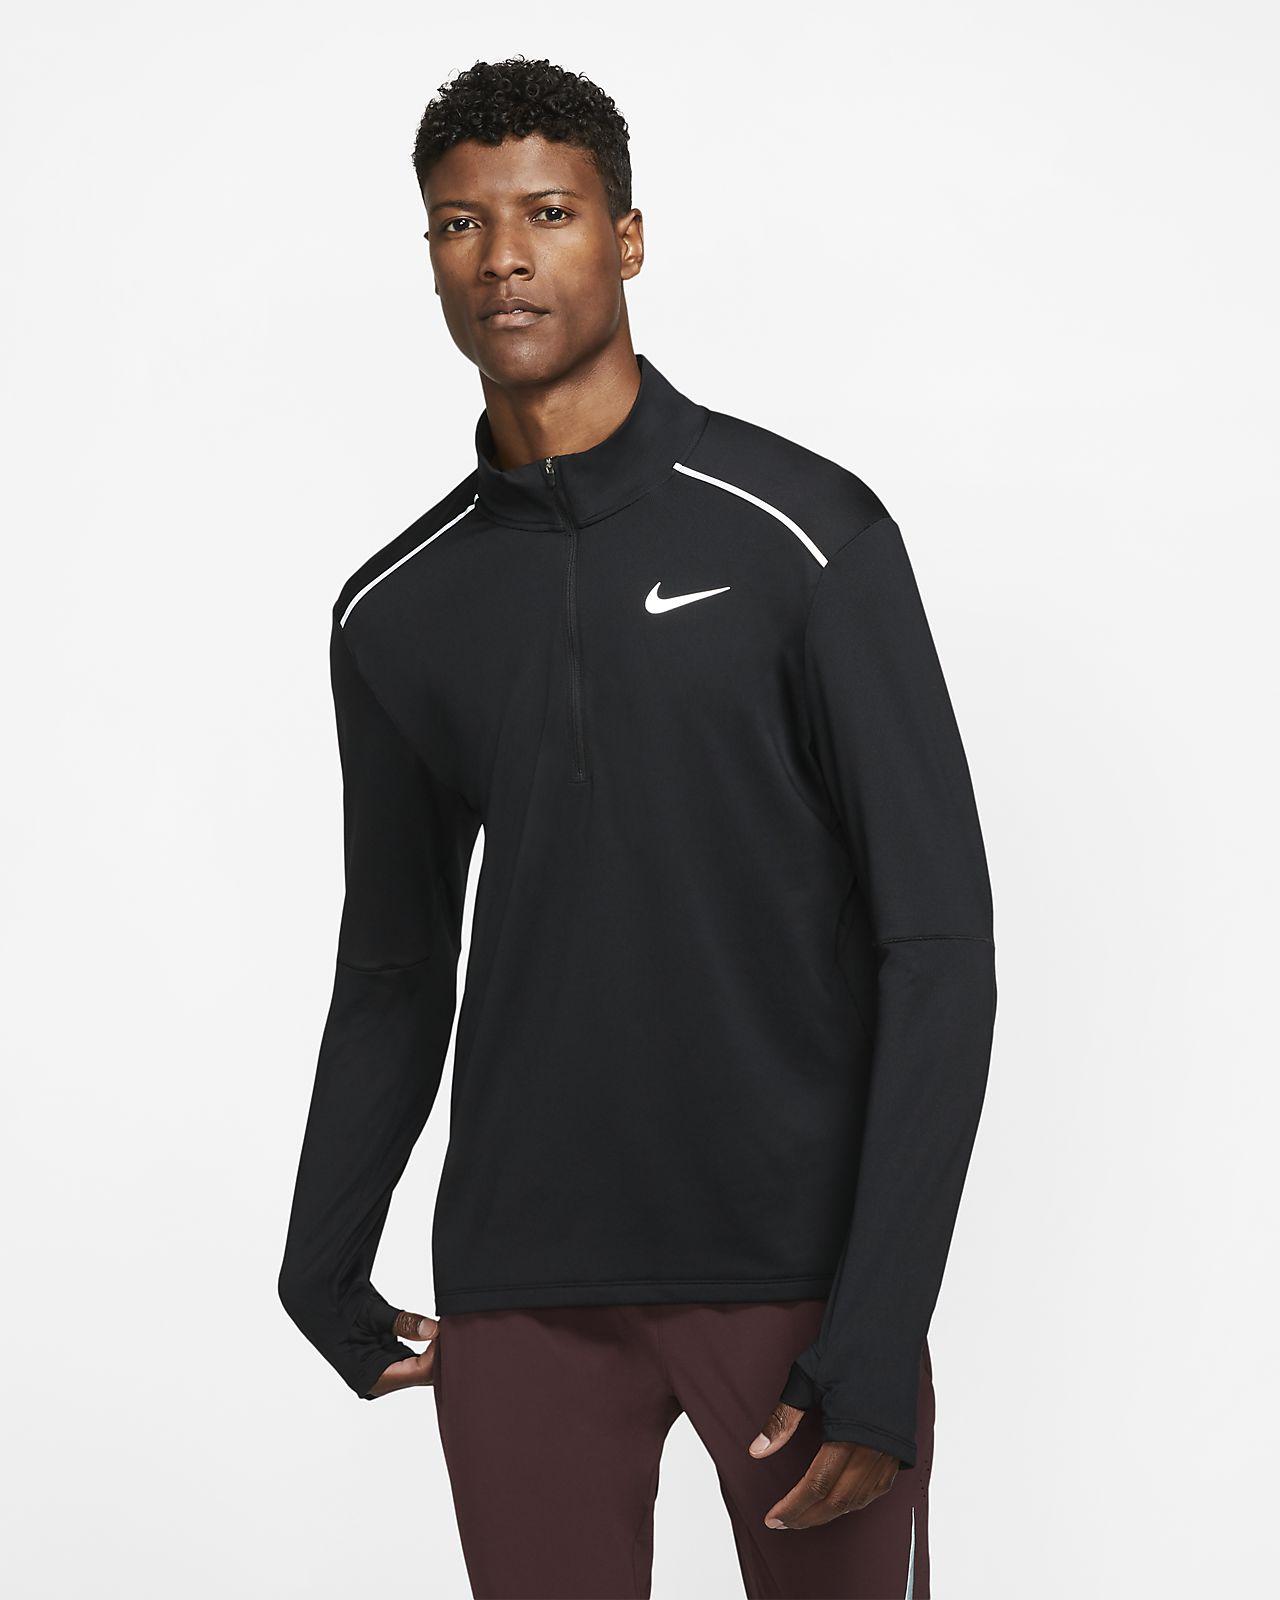 Nike 3.0 Men's 1/2-Zip Running Top